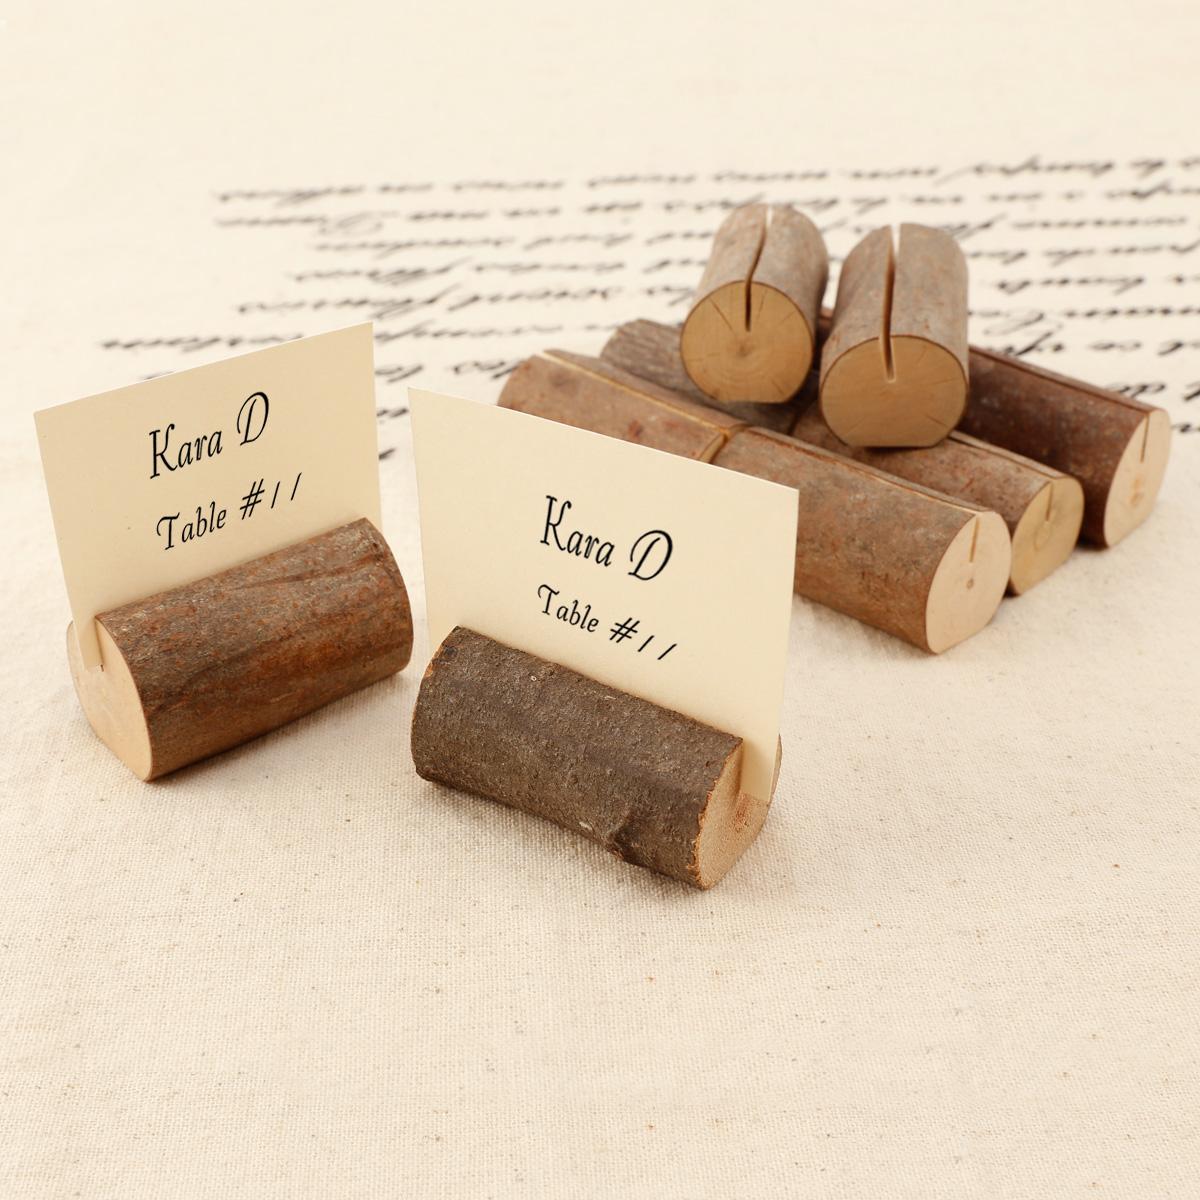 10 x Holz Ministaffelei Platzkarte Tischkartenhalter Namesschild Weihnachten